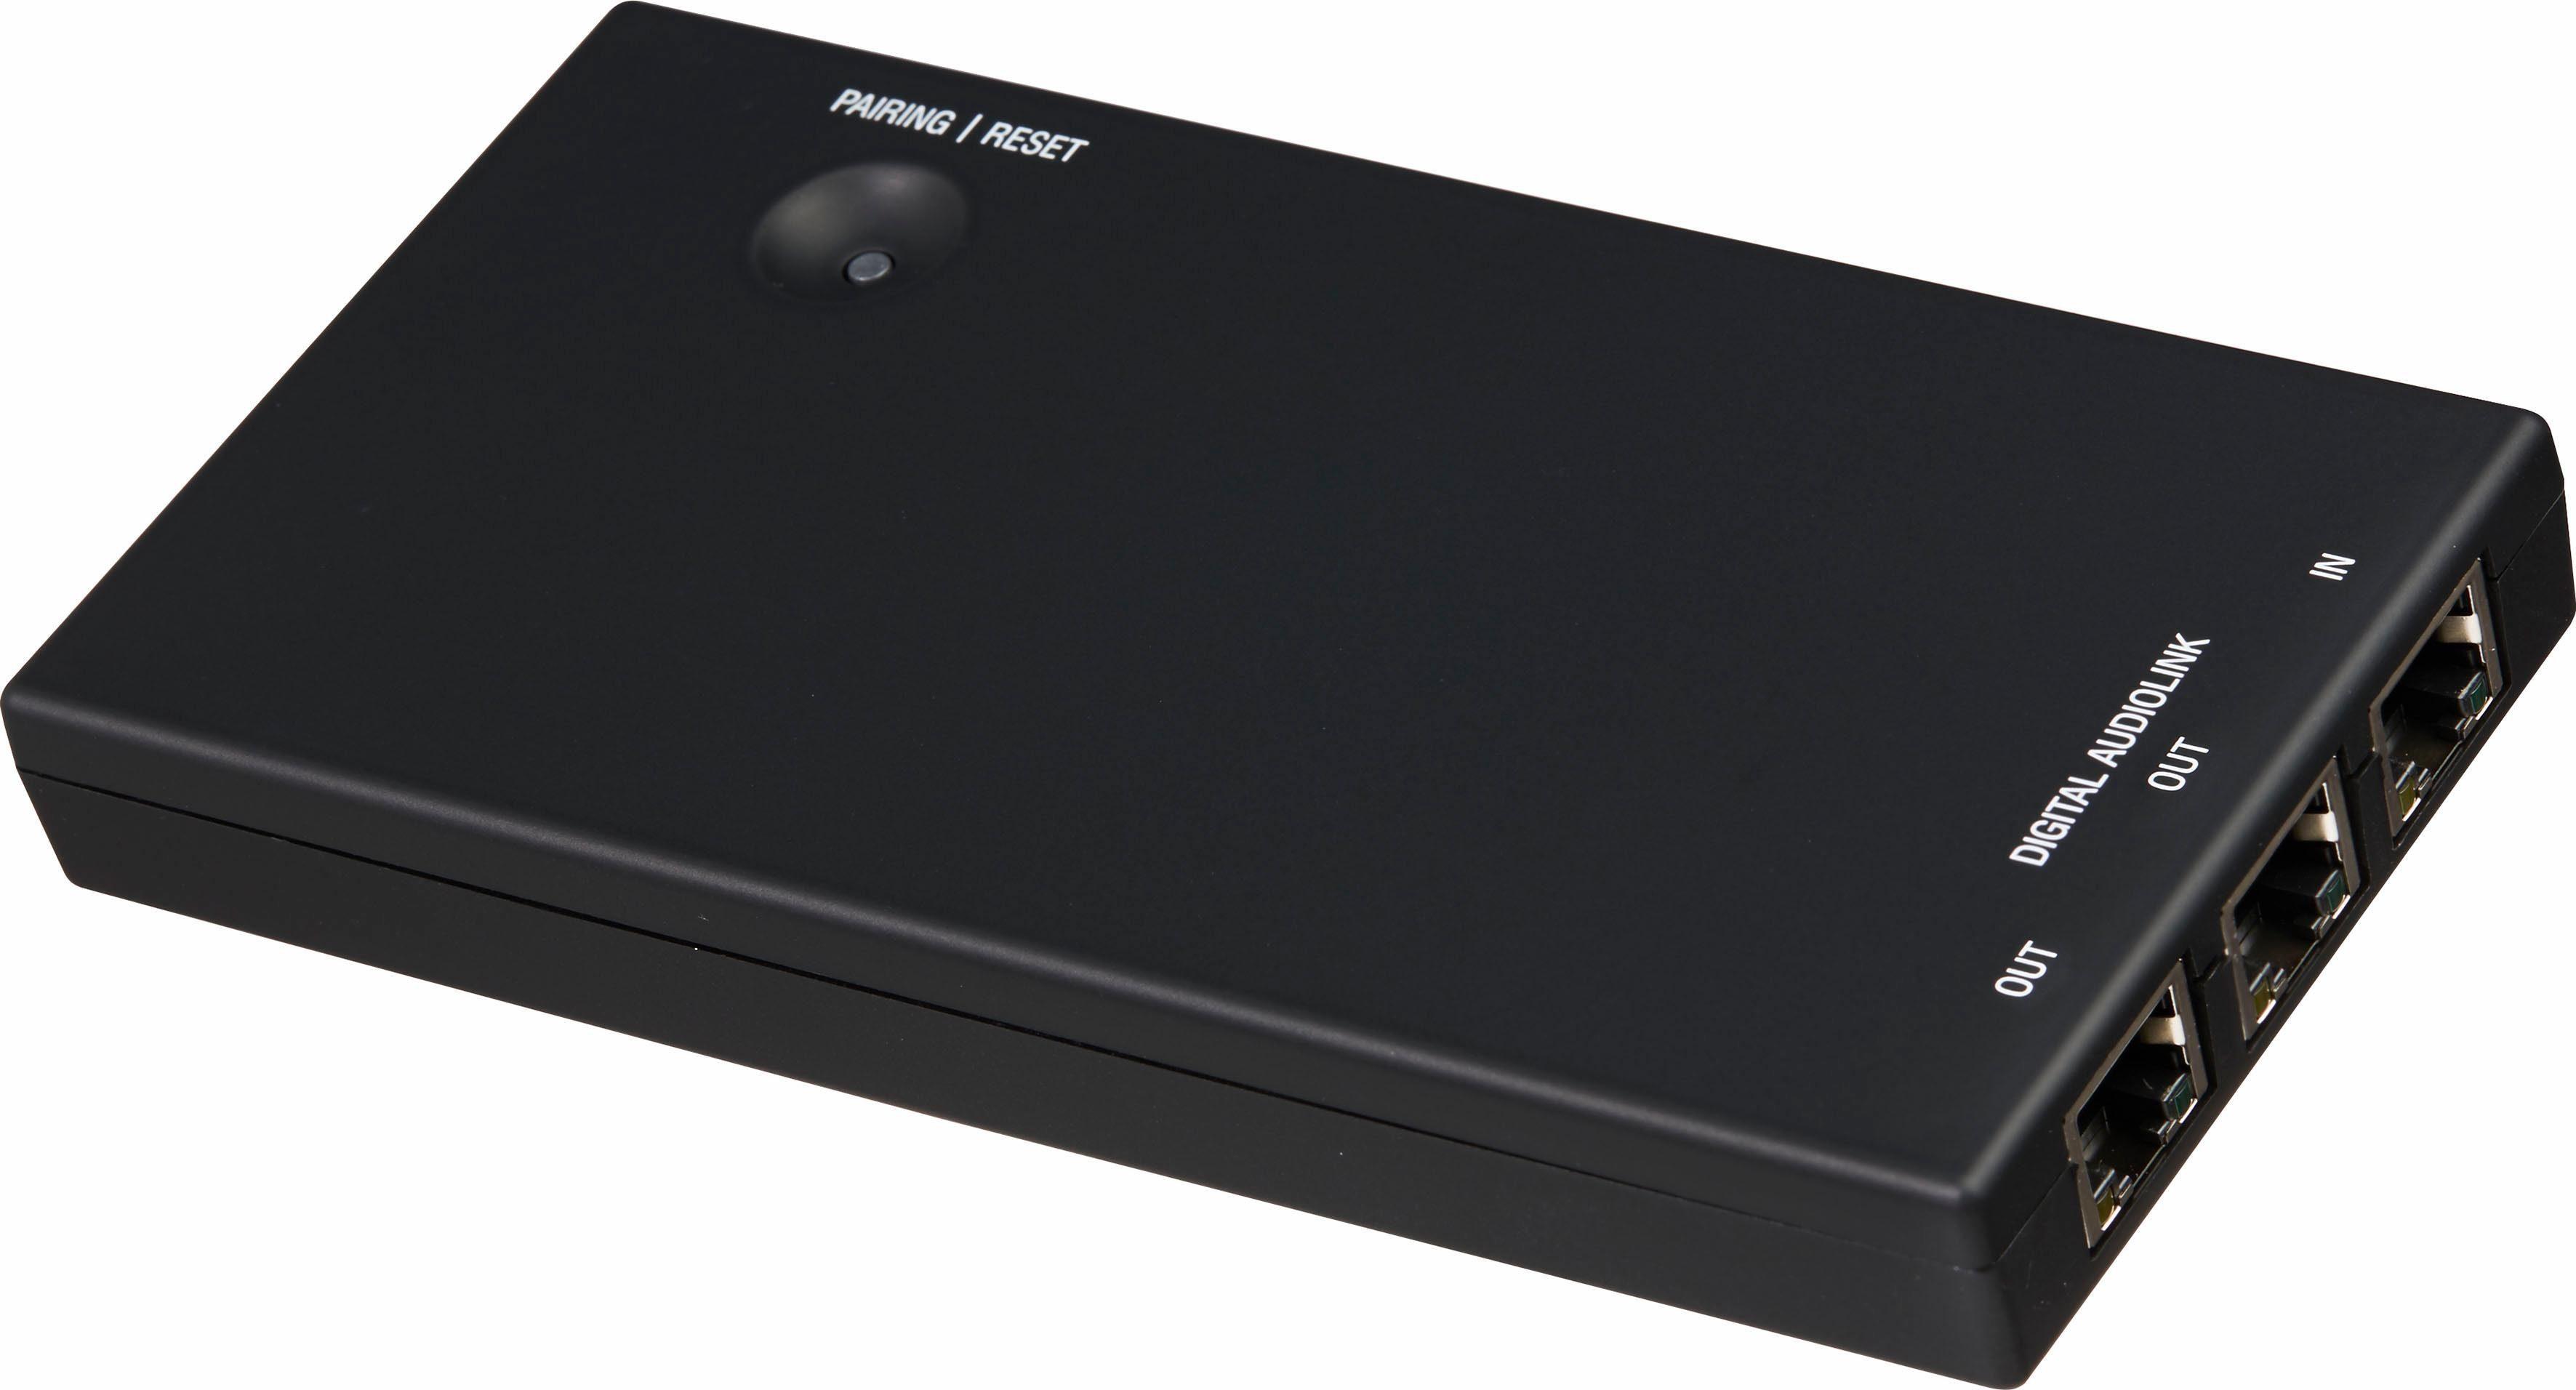 Loewe Klang link wireless Sender